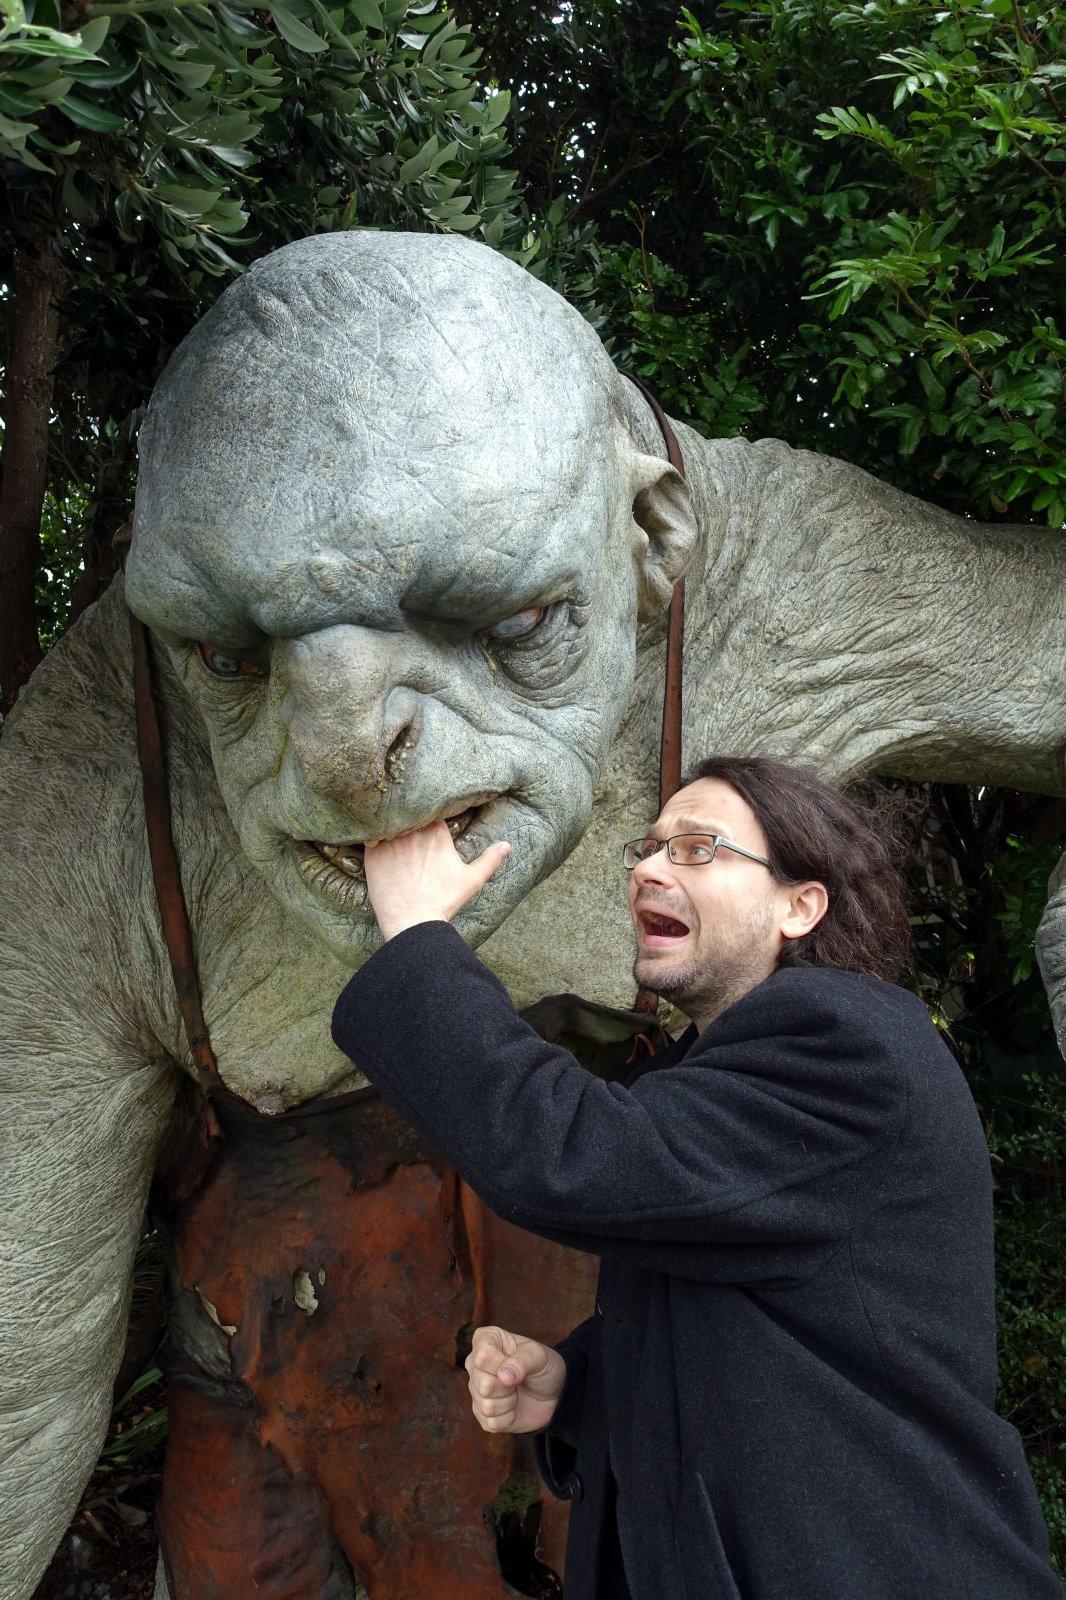 Man screaming while troll figure